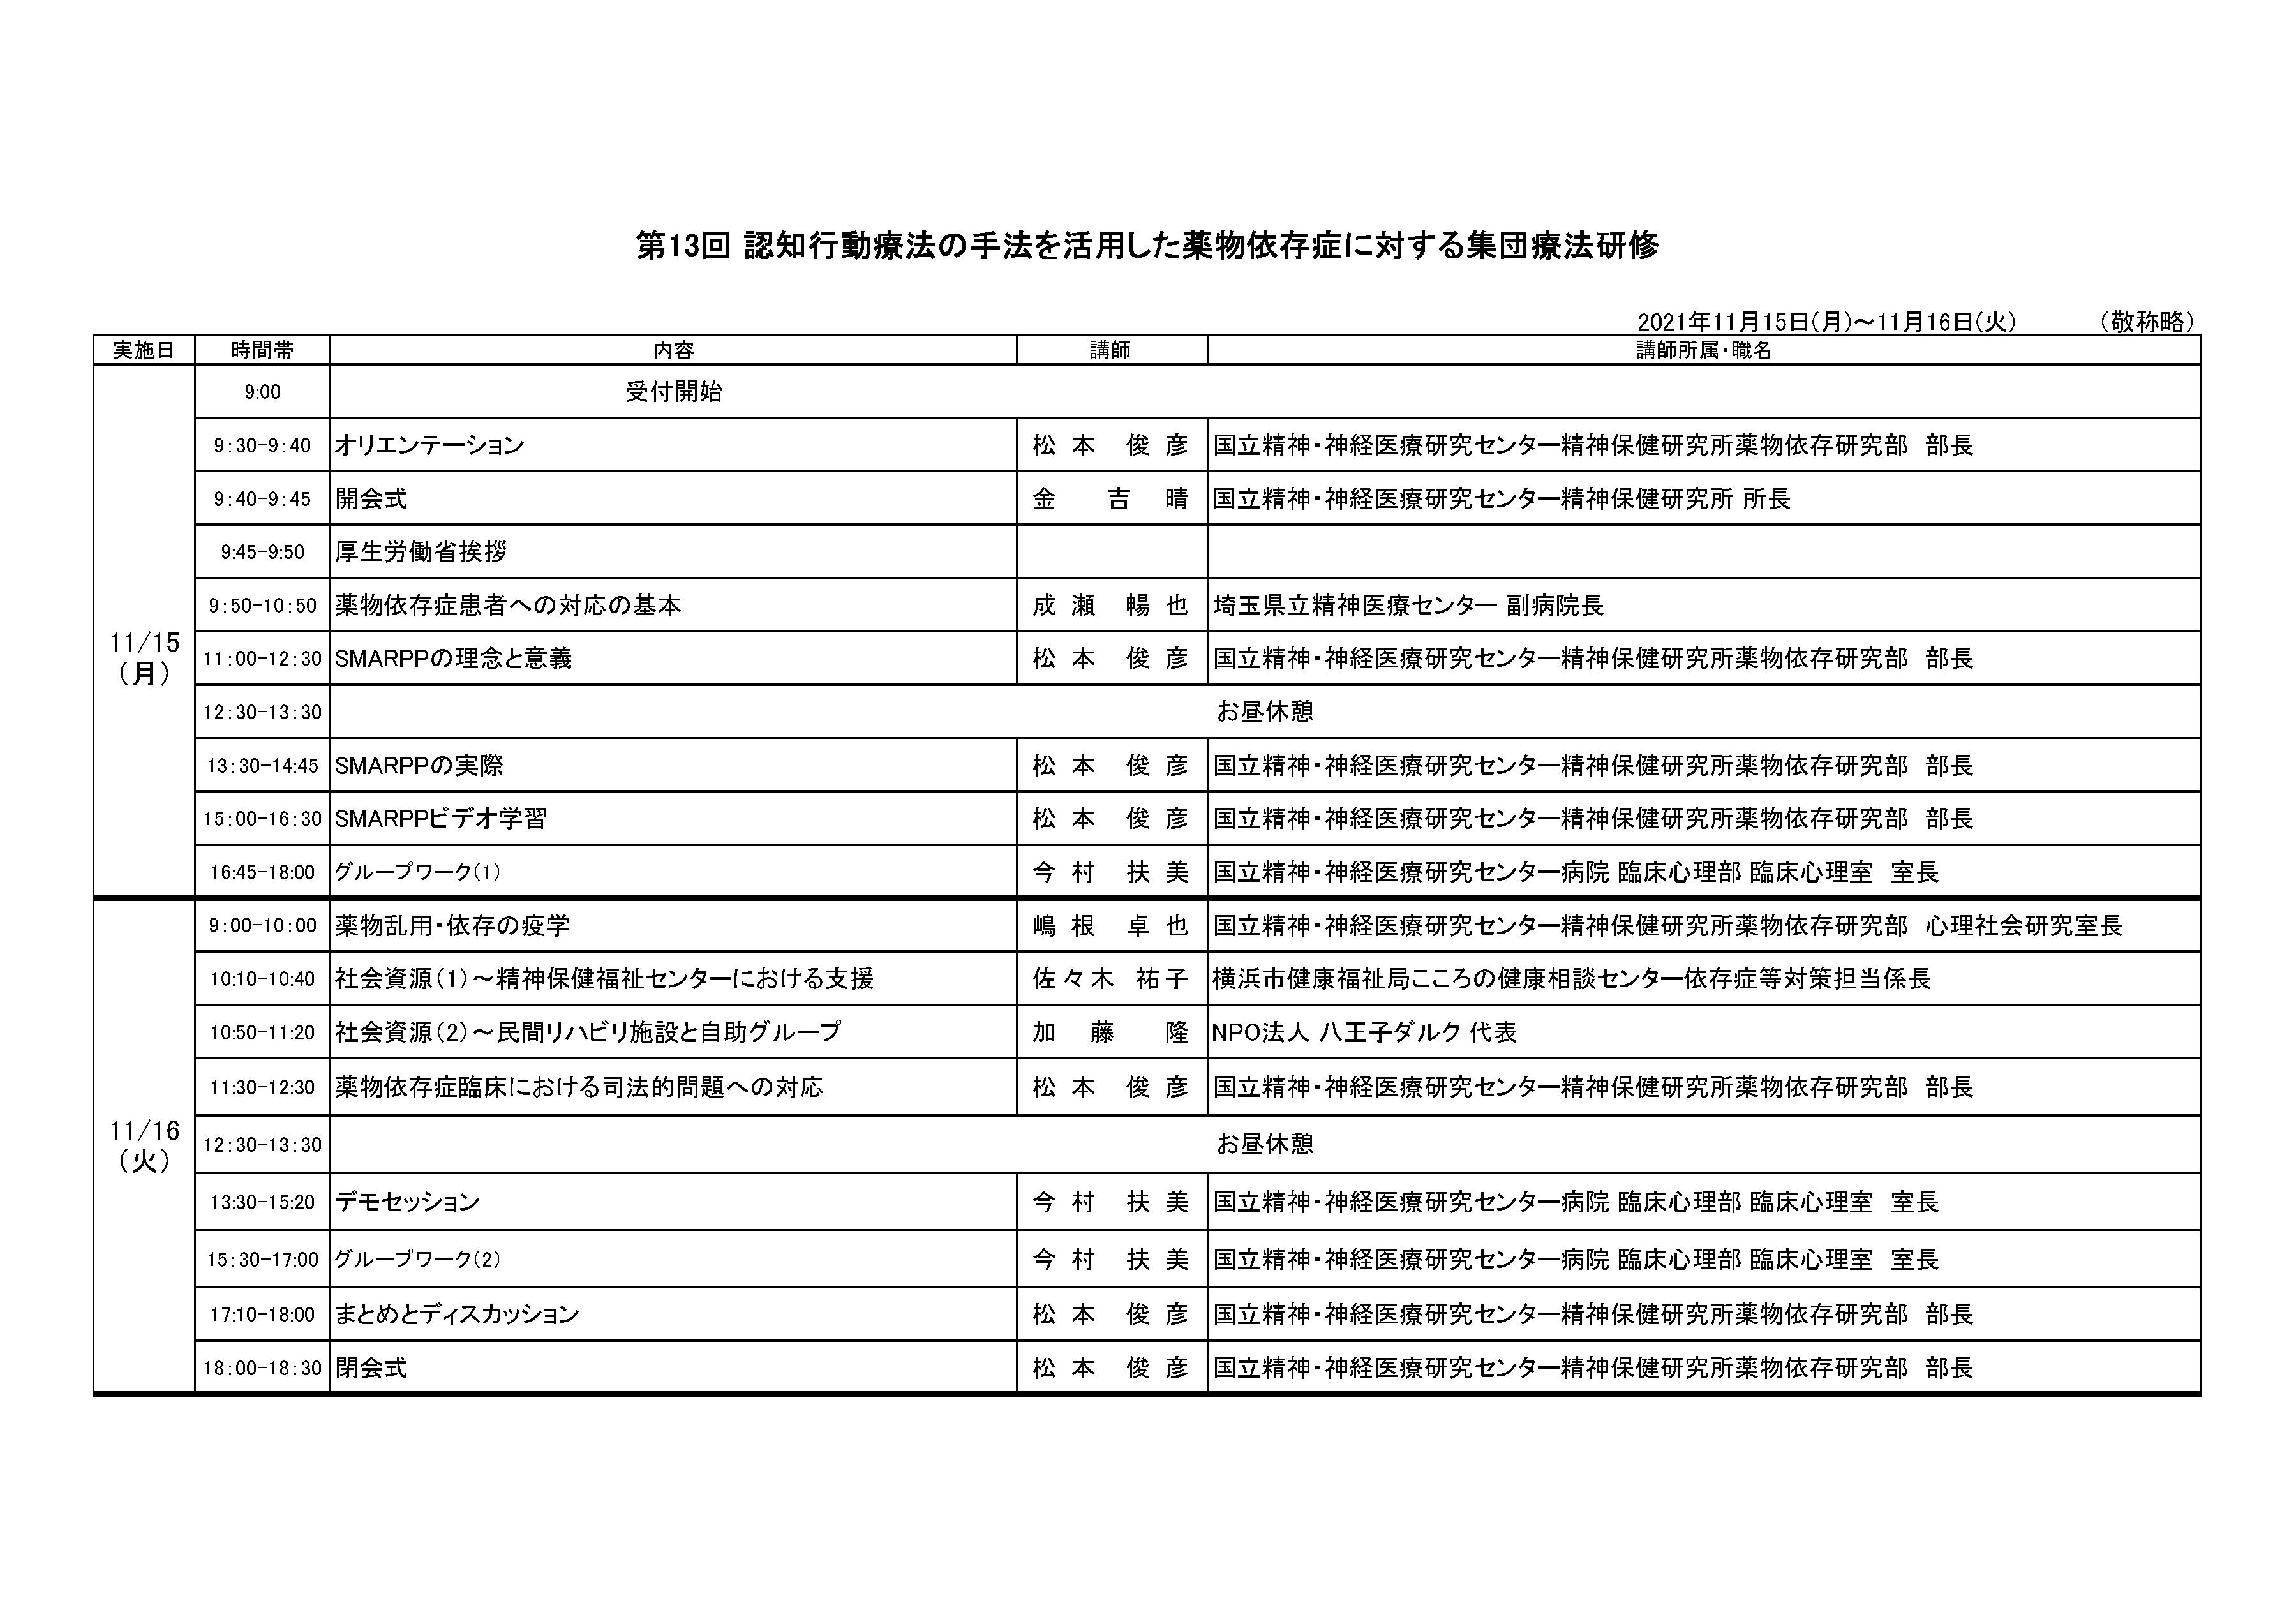 日程表_第13回認知行動療法の手法を活用した依存症集団療法研修.png